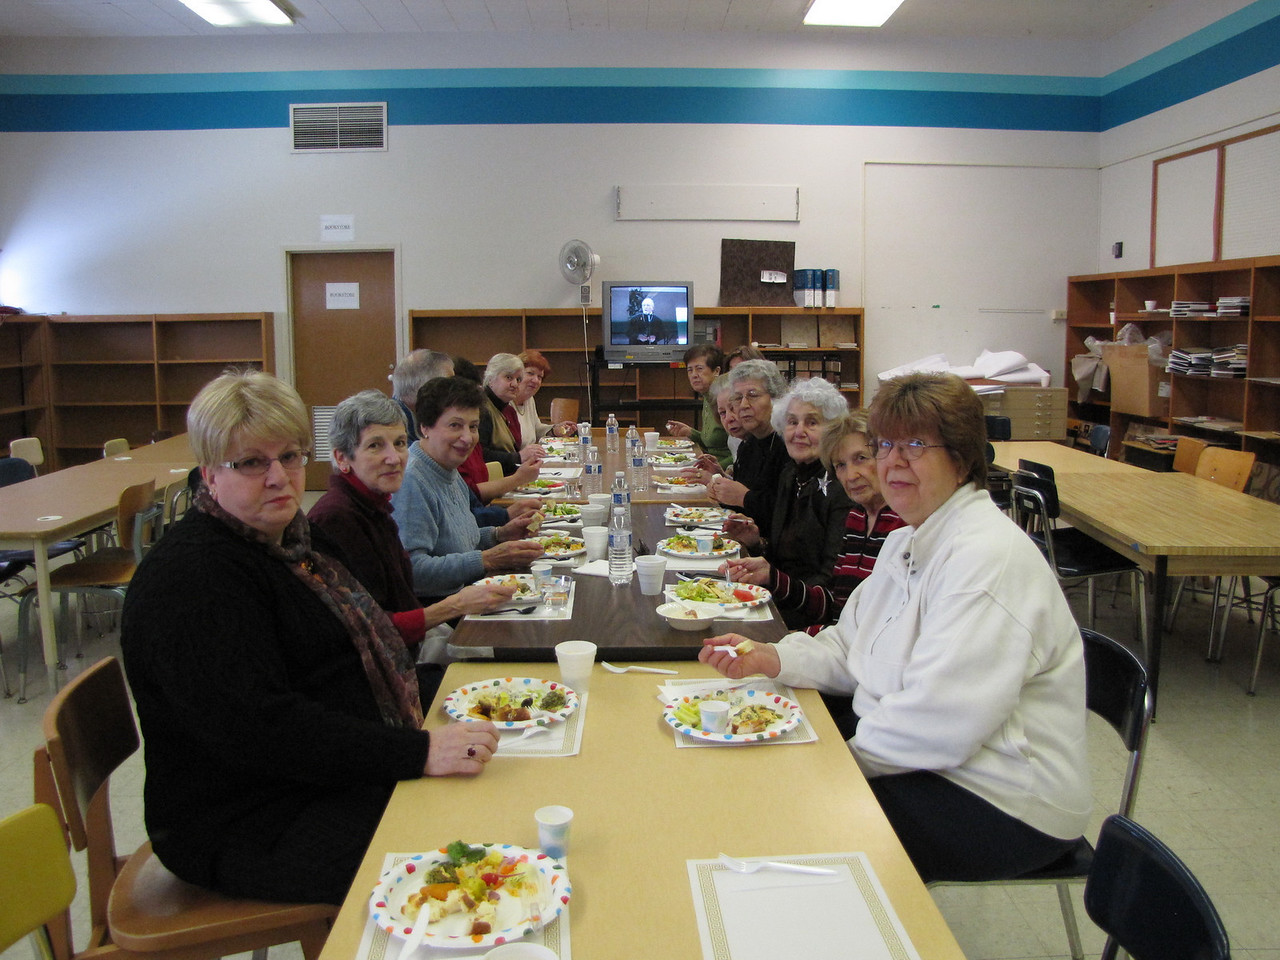 2013-02-14-Seniors-Lunch-February_007